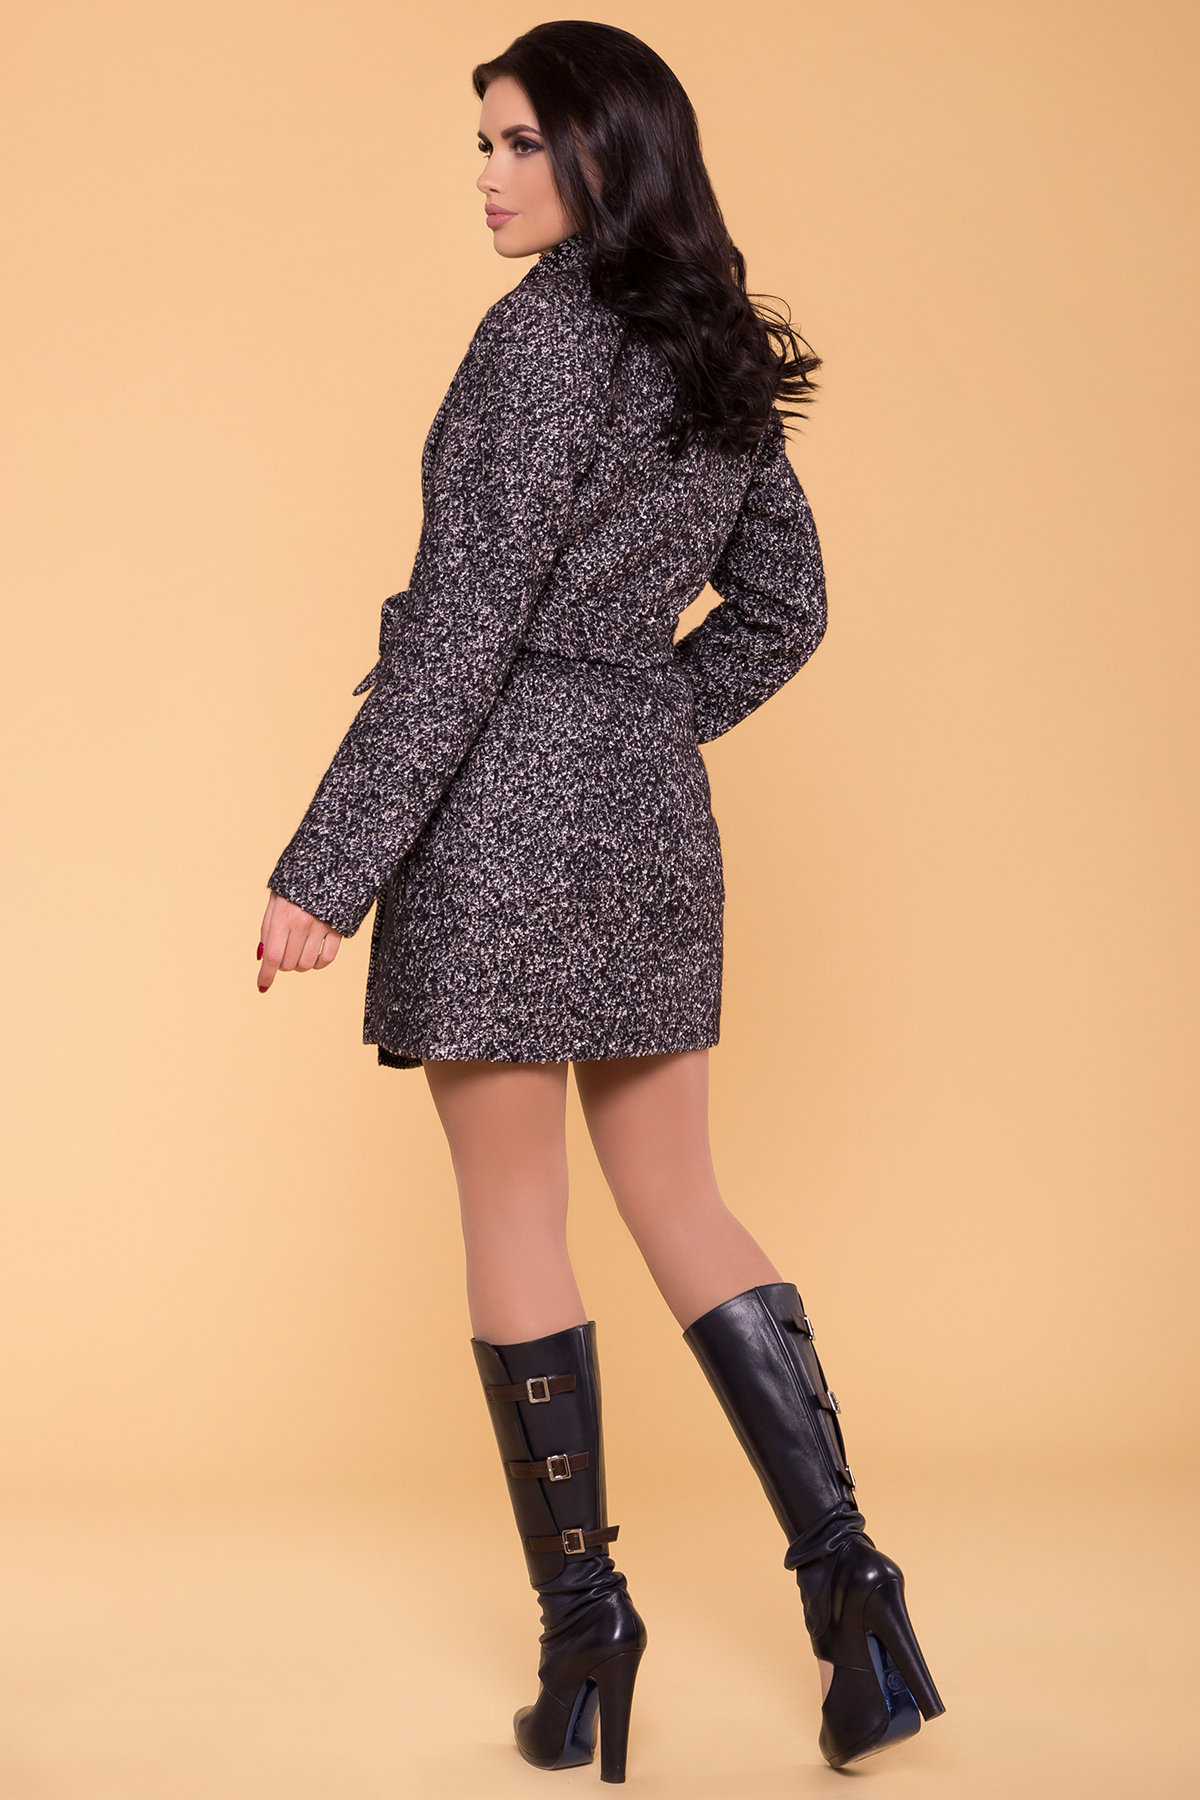 Пальто Капучино 1179   Цвет: Черный/серый